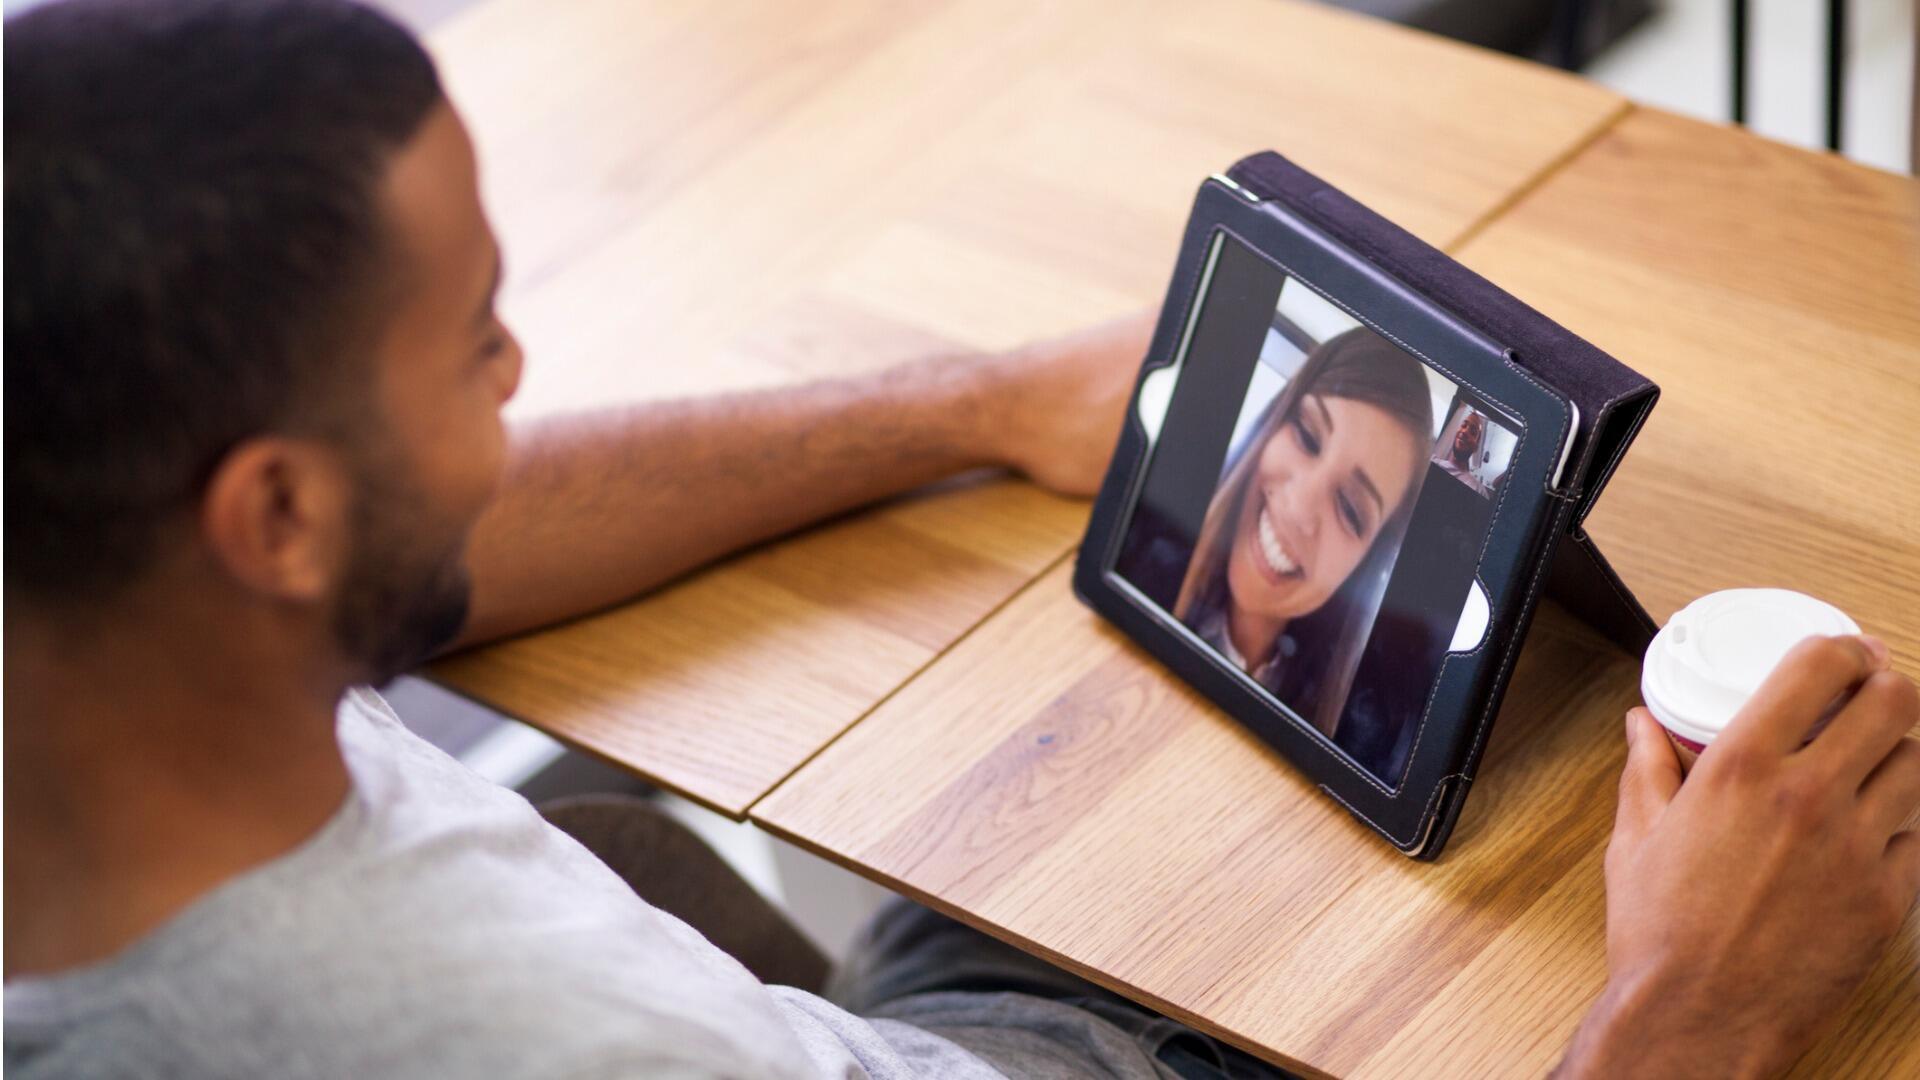 Comment gérer une relation à distance ?